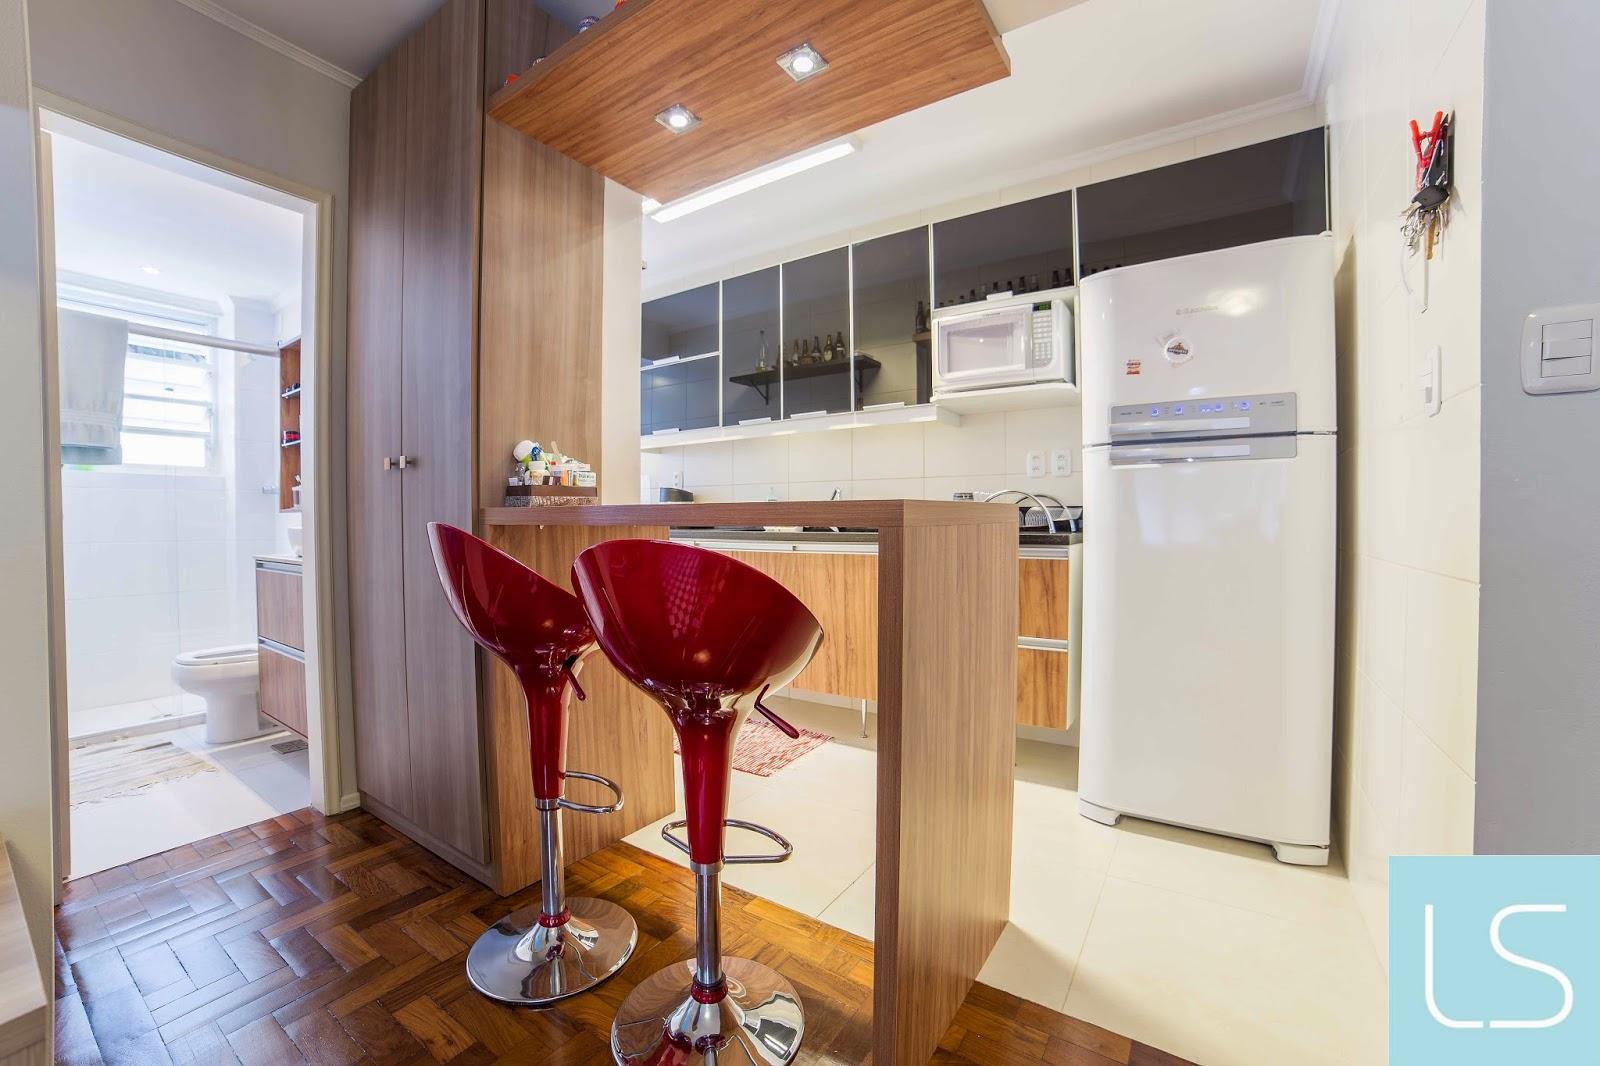 de apartamentos pequenos jovem: : Decoração de apartamentos  #966235 1600x1066 Banheiro De Apartamento Decorado